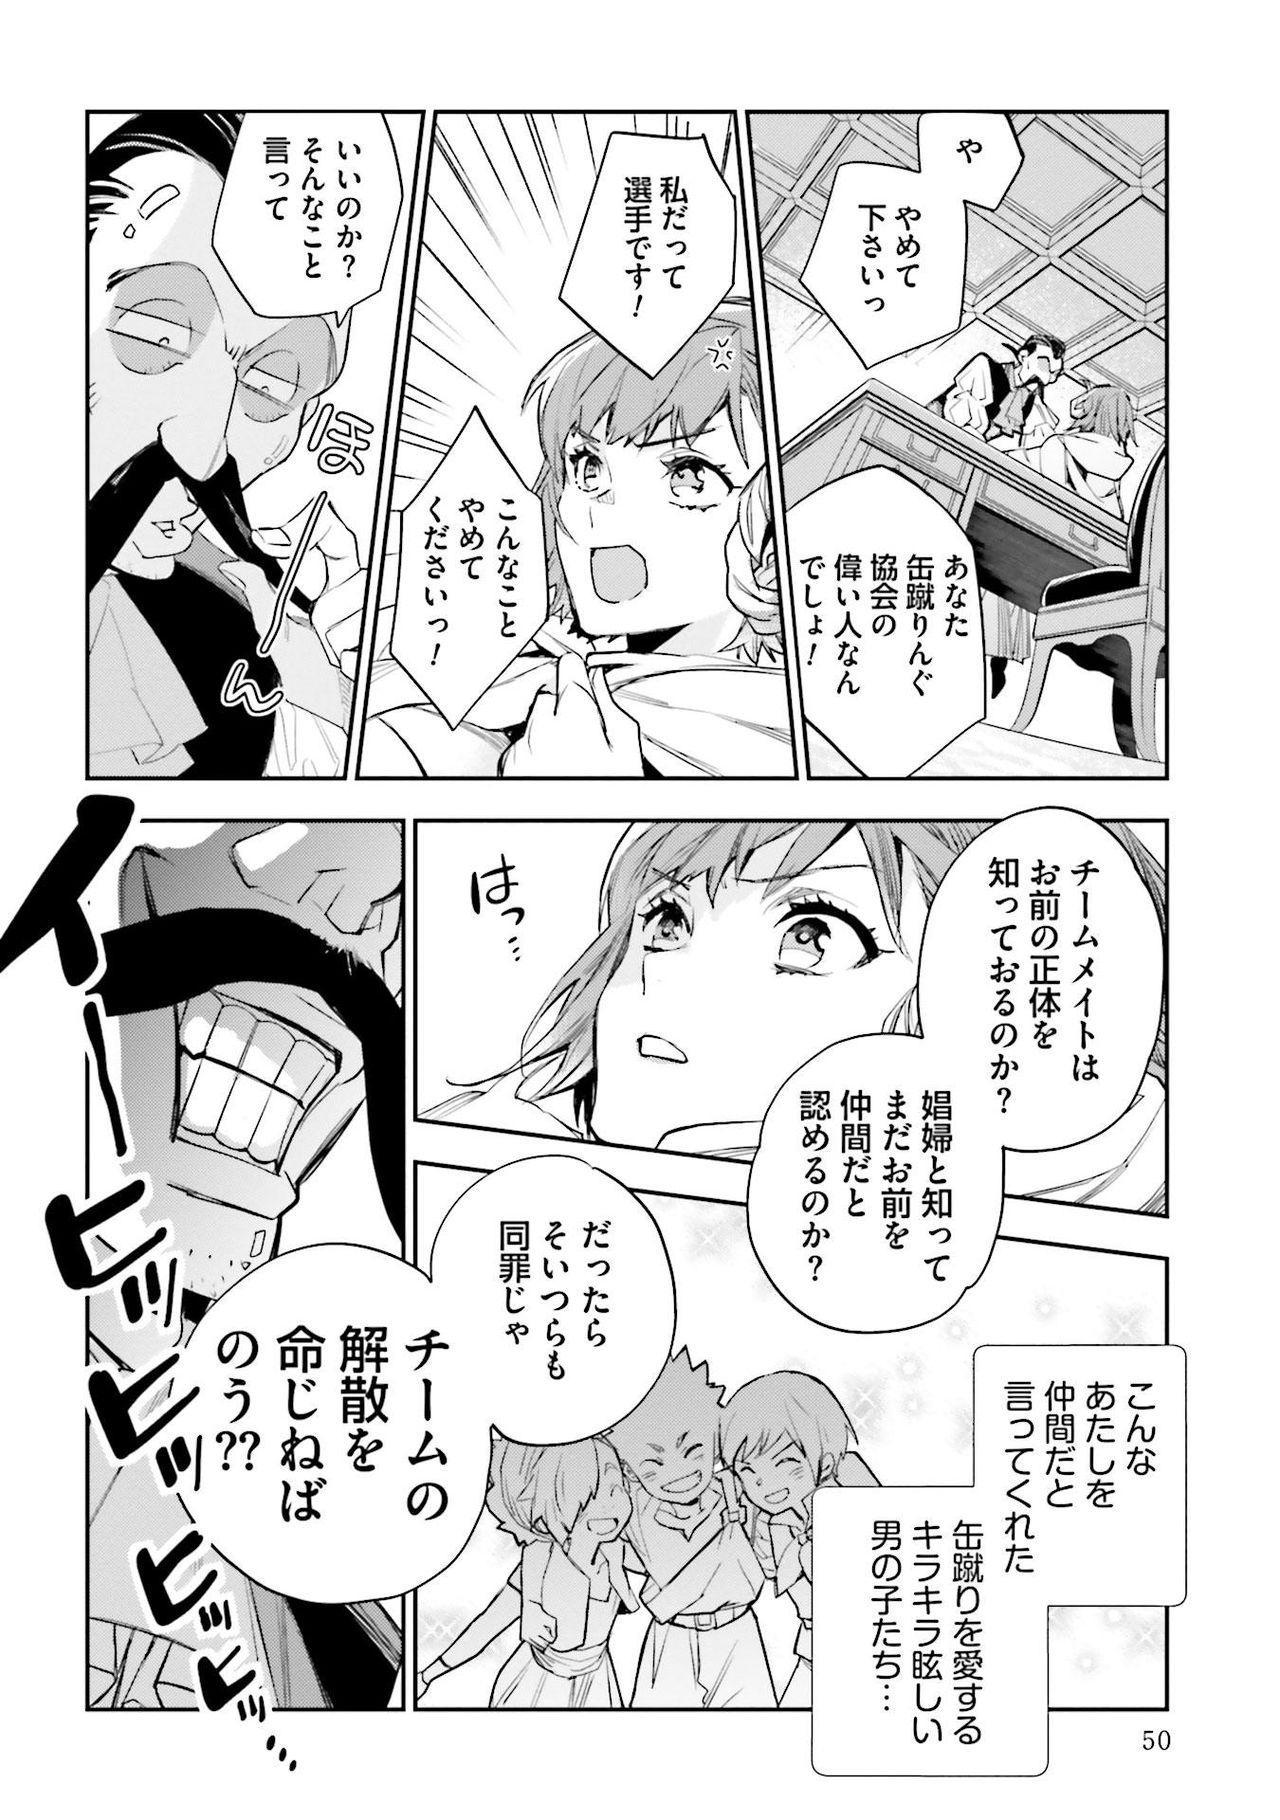 JK Haru wa Isekai de Shoufu ni Natta 1-14 409